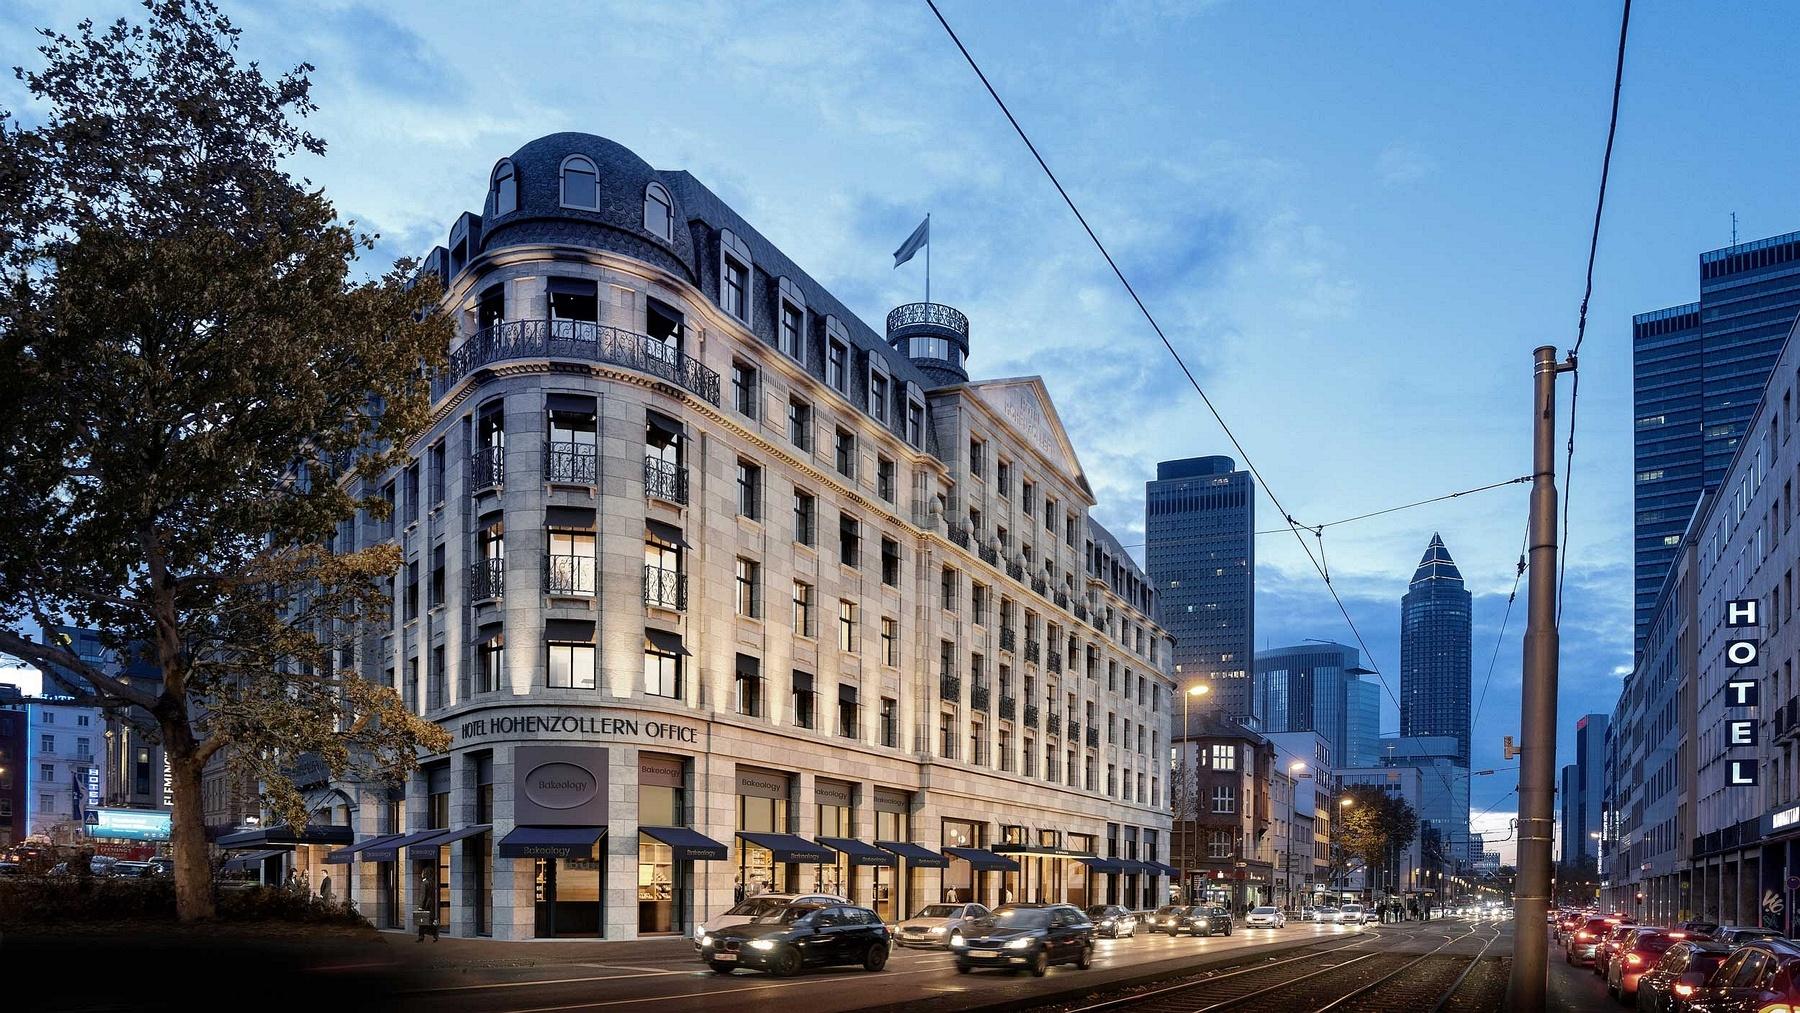 ex_hotel_hohenzollern_revit_2020_01.jpg